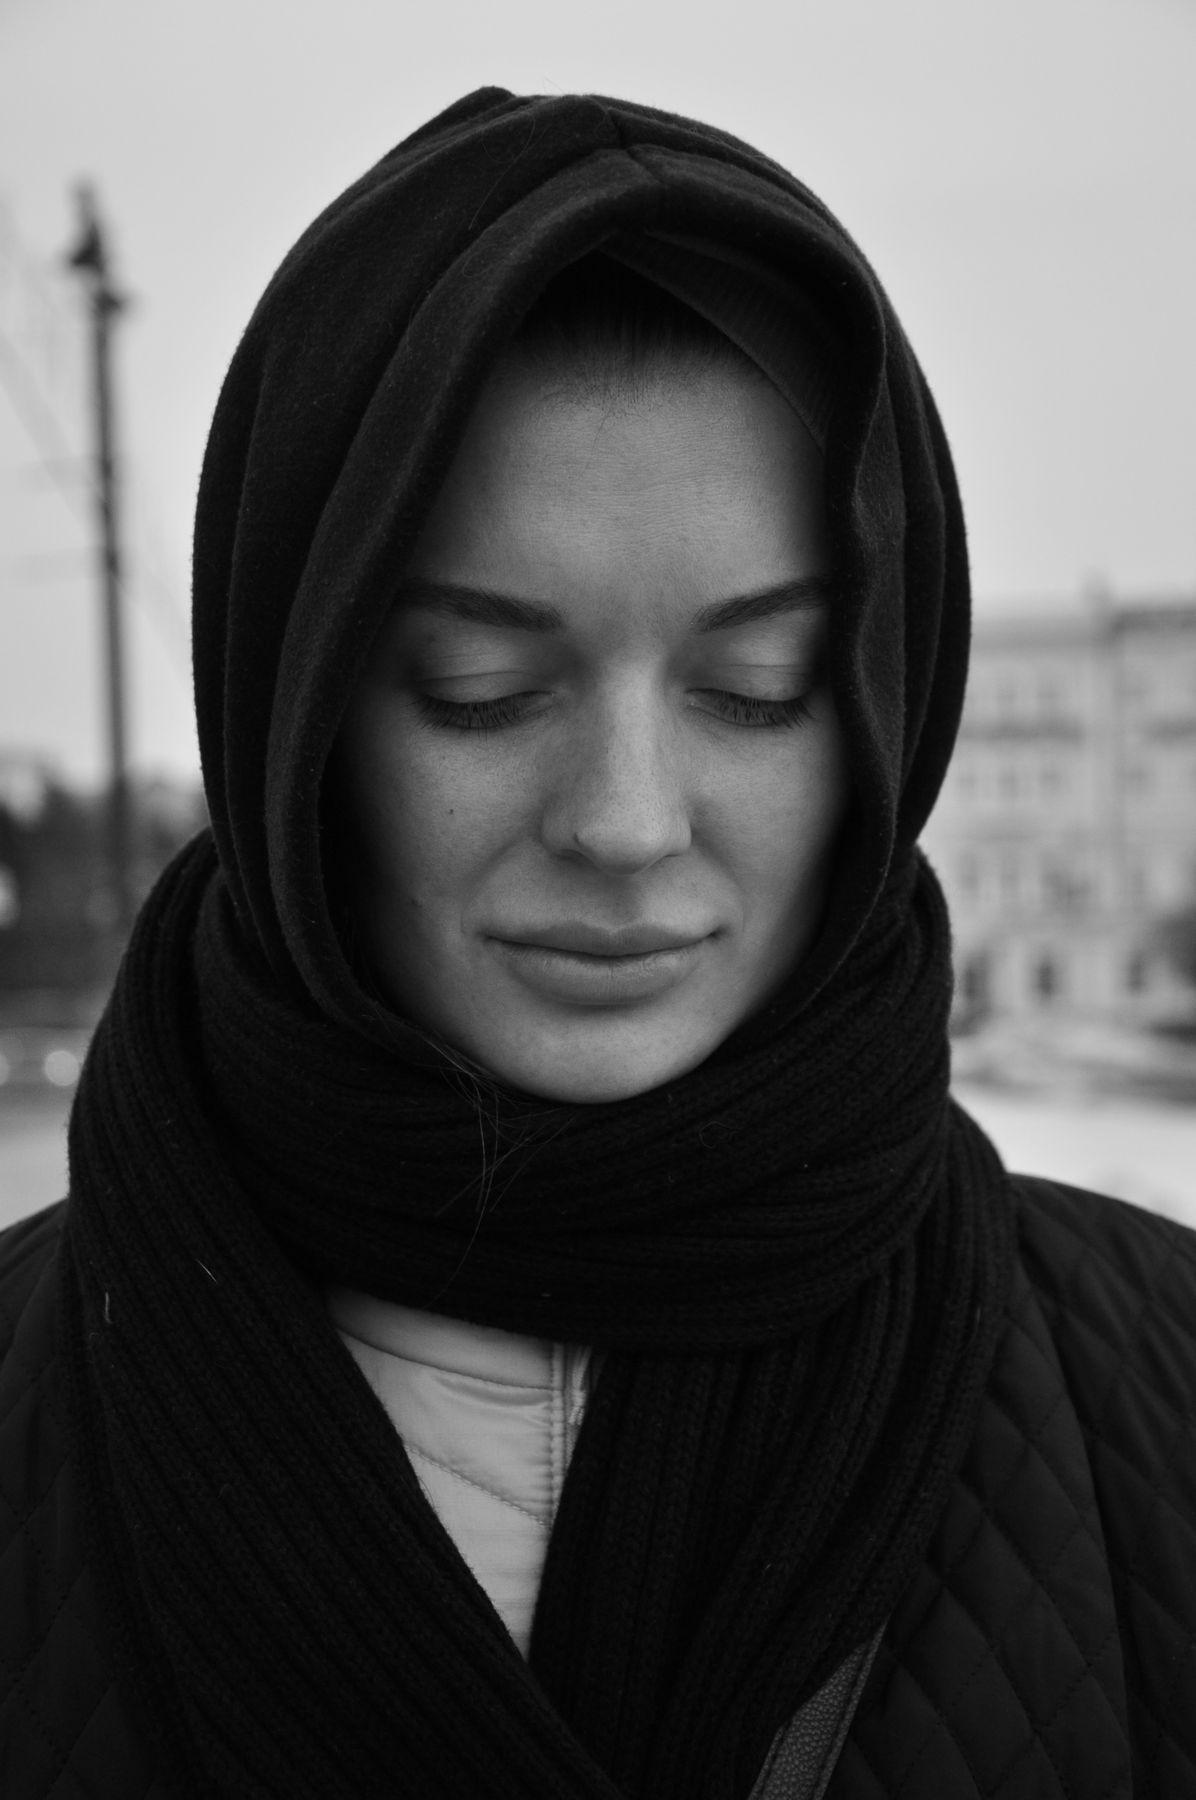 19.03.20. Портрет. портрет уличная фотография чёрно белая девушка